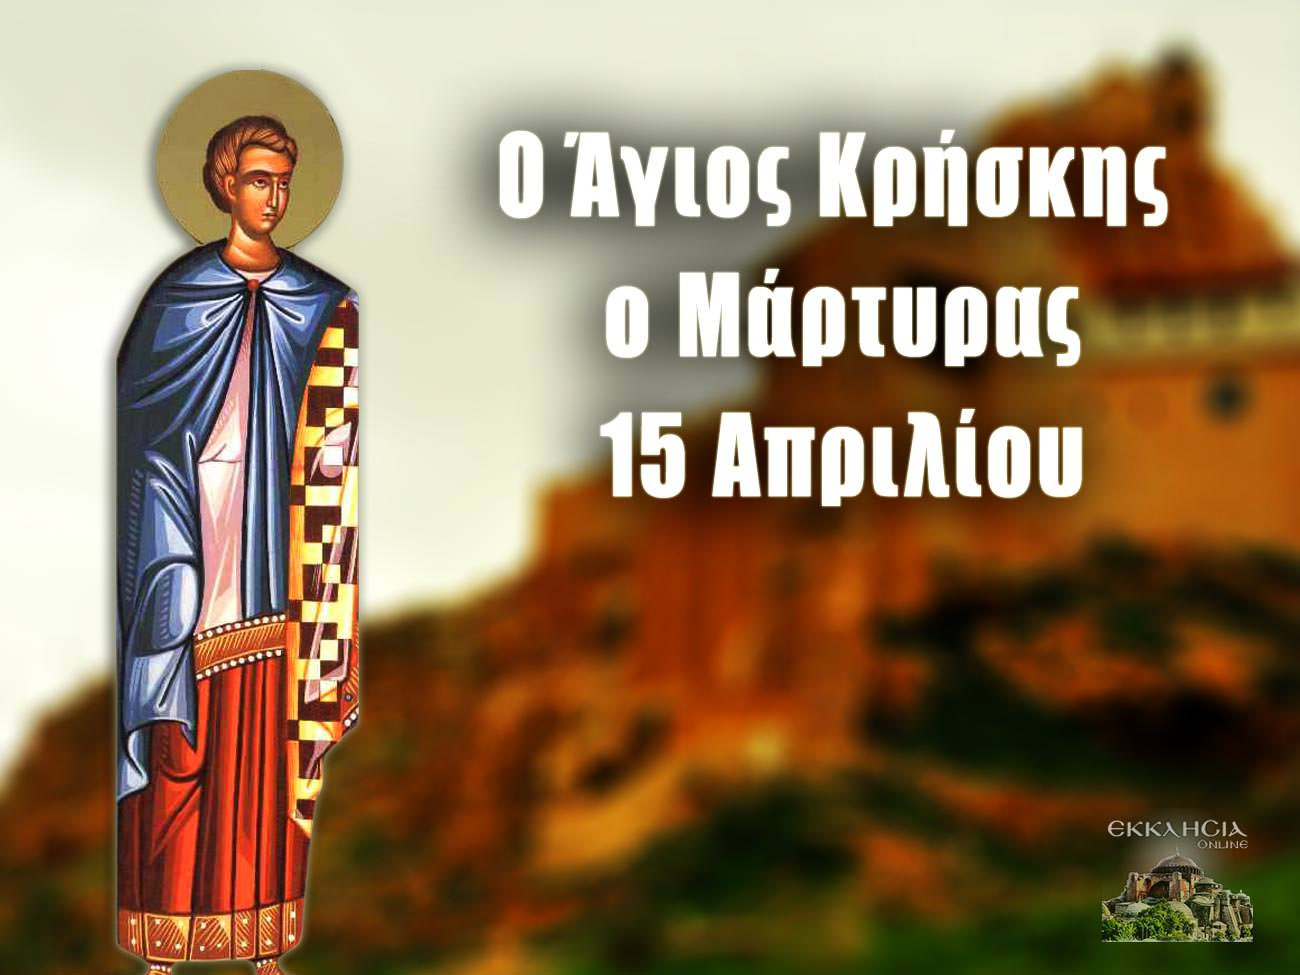 Άγιος Κρήσκης 15 Απριλίου